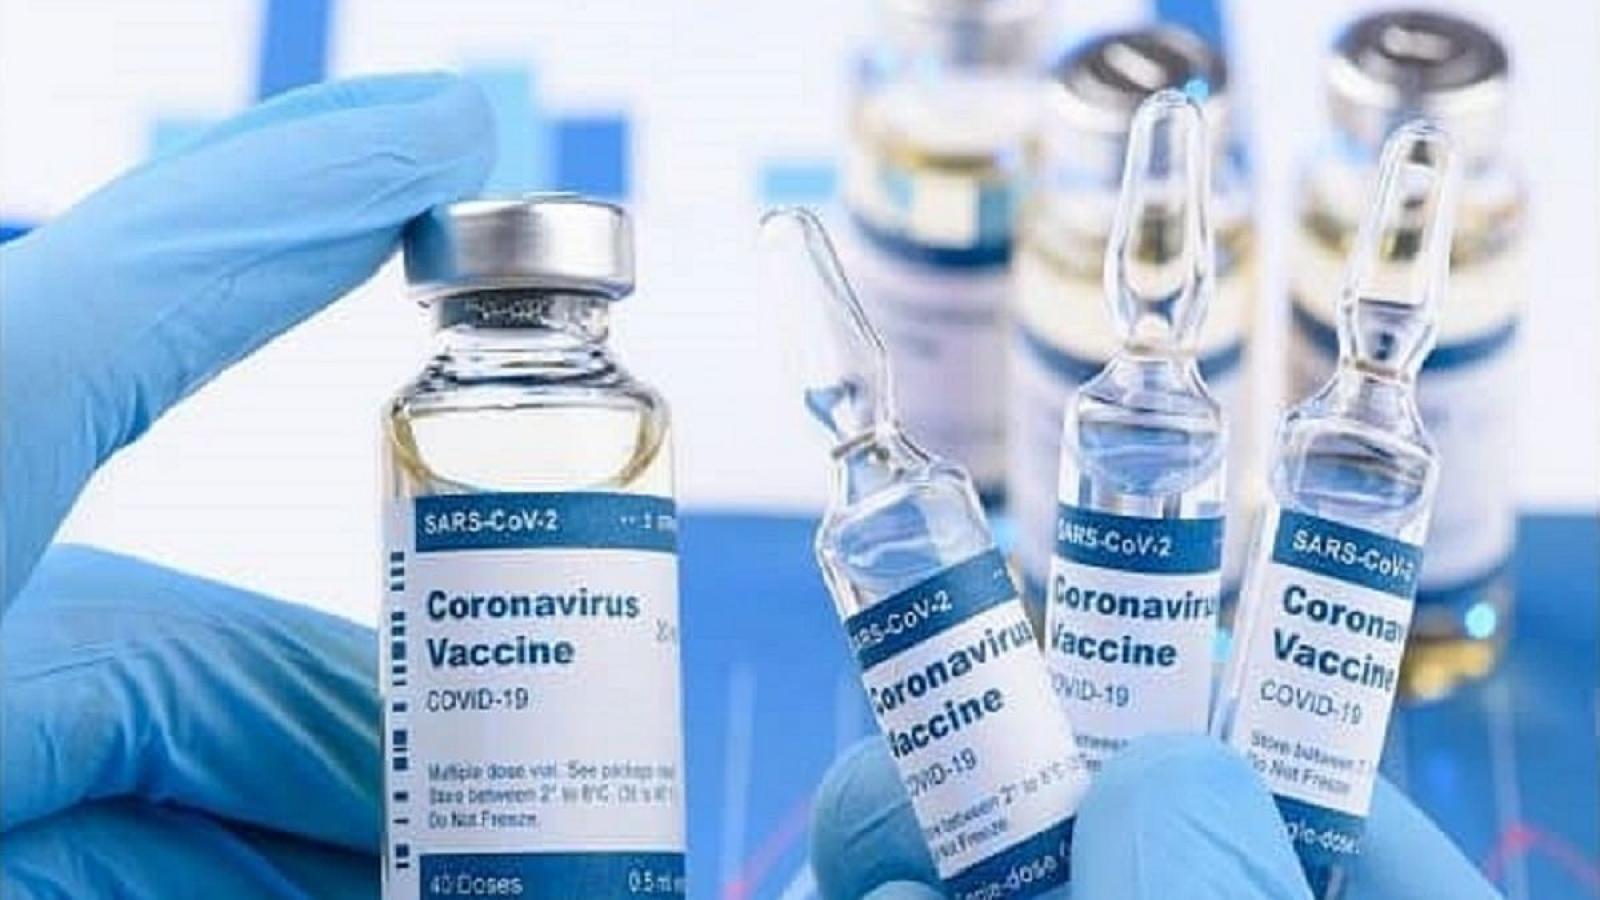 Chỉ 21% người Mỹ đồng ý tiêm vaccine ngừa Covid-19